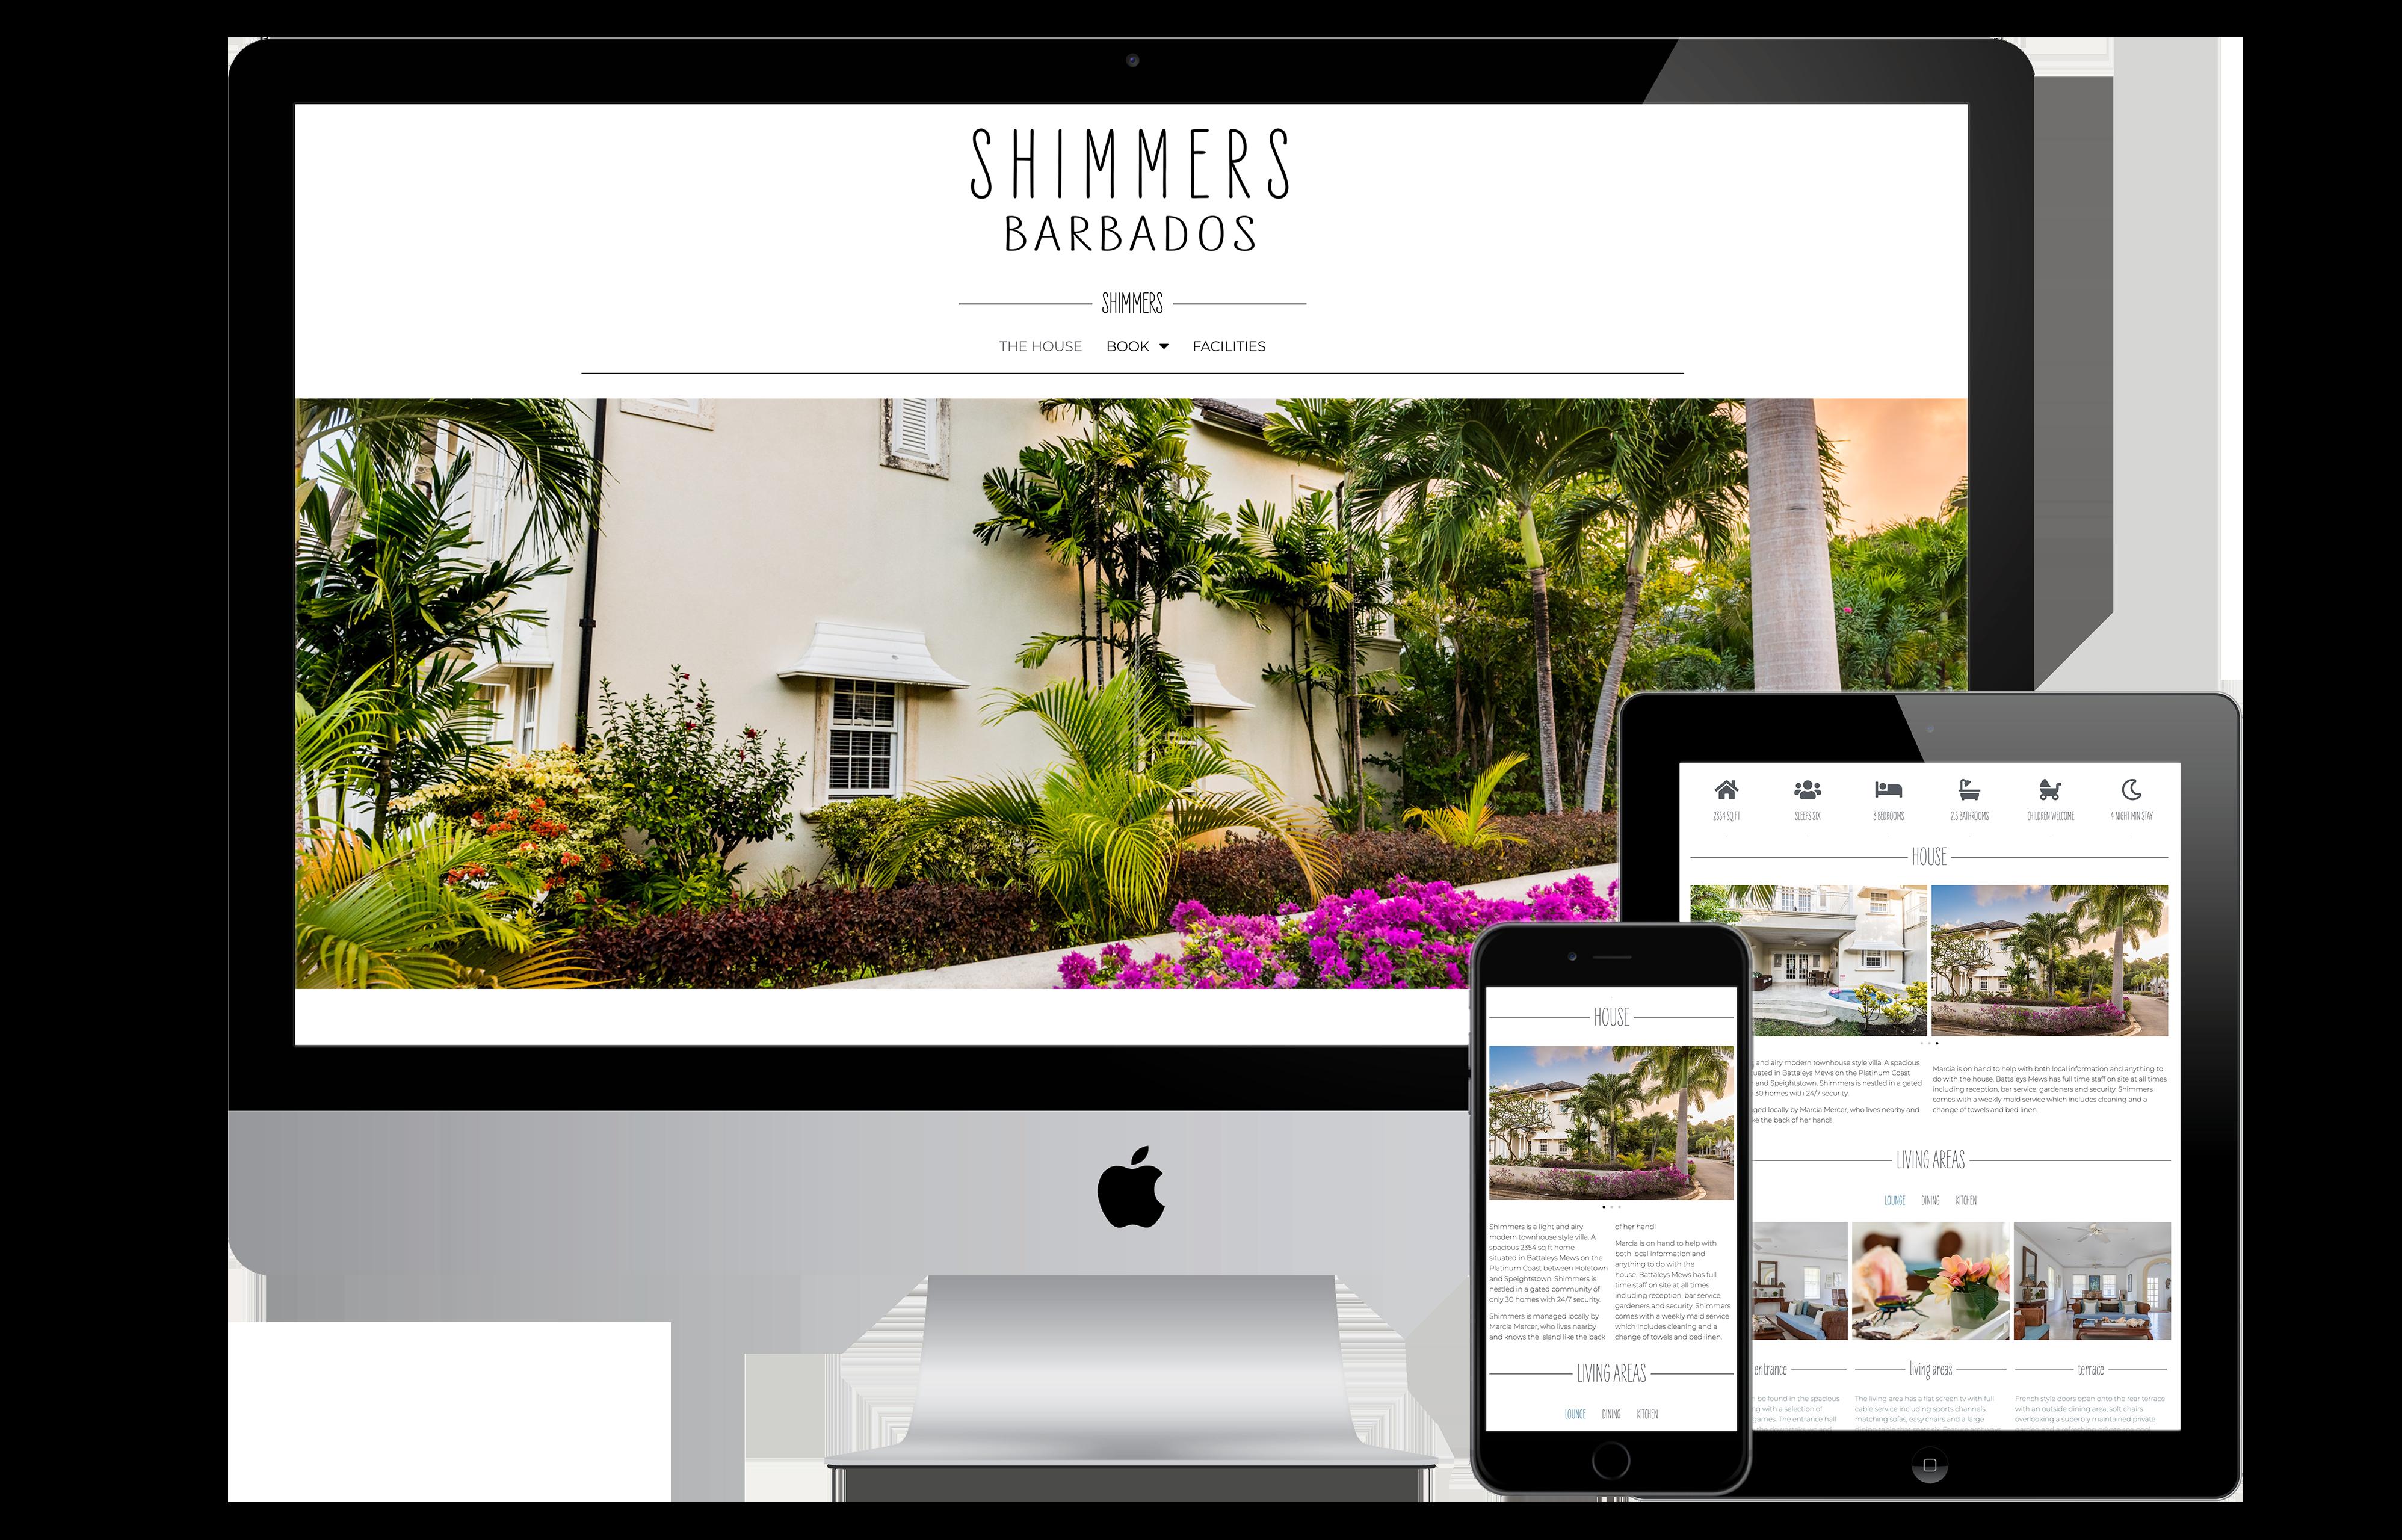 Shimmers Website mock up